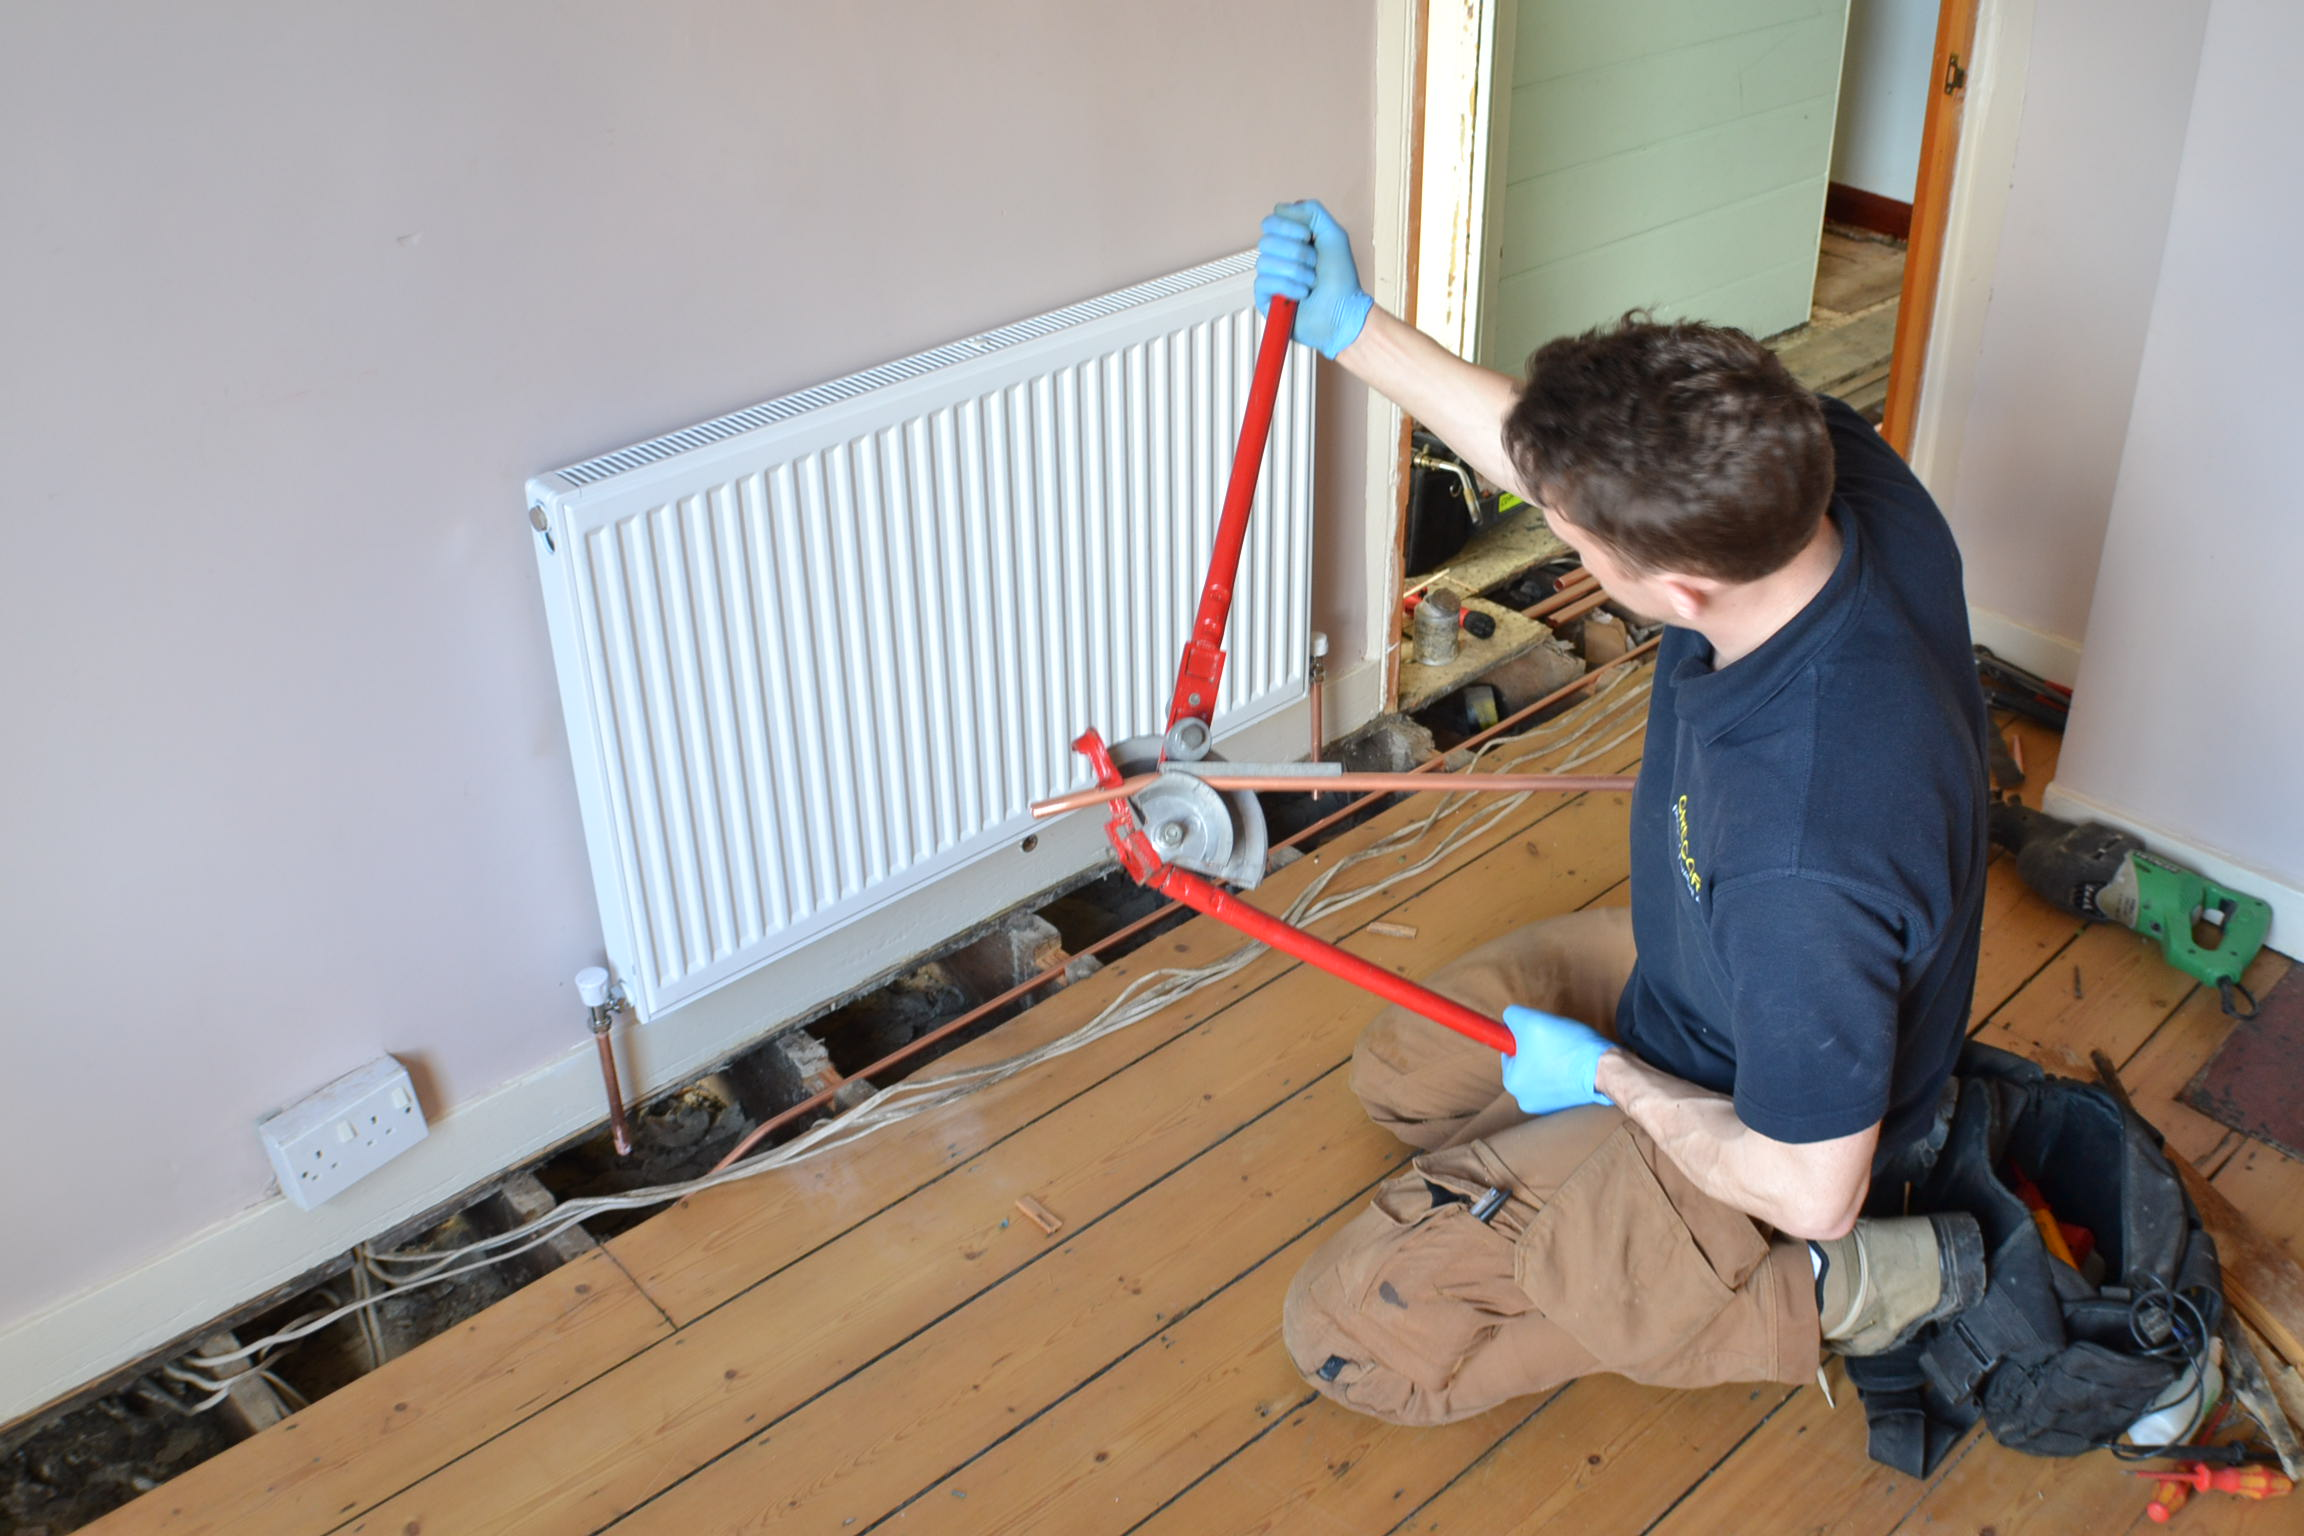 Work in progress - Gregory Heating and Plumbing Ltd